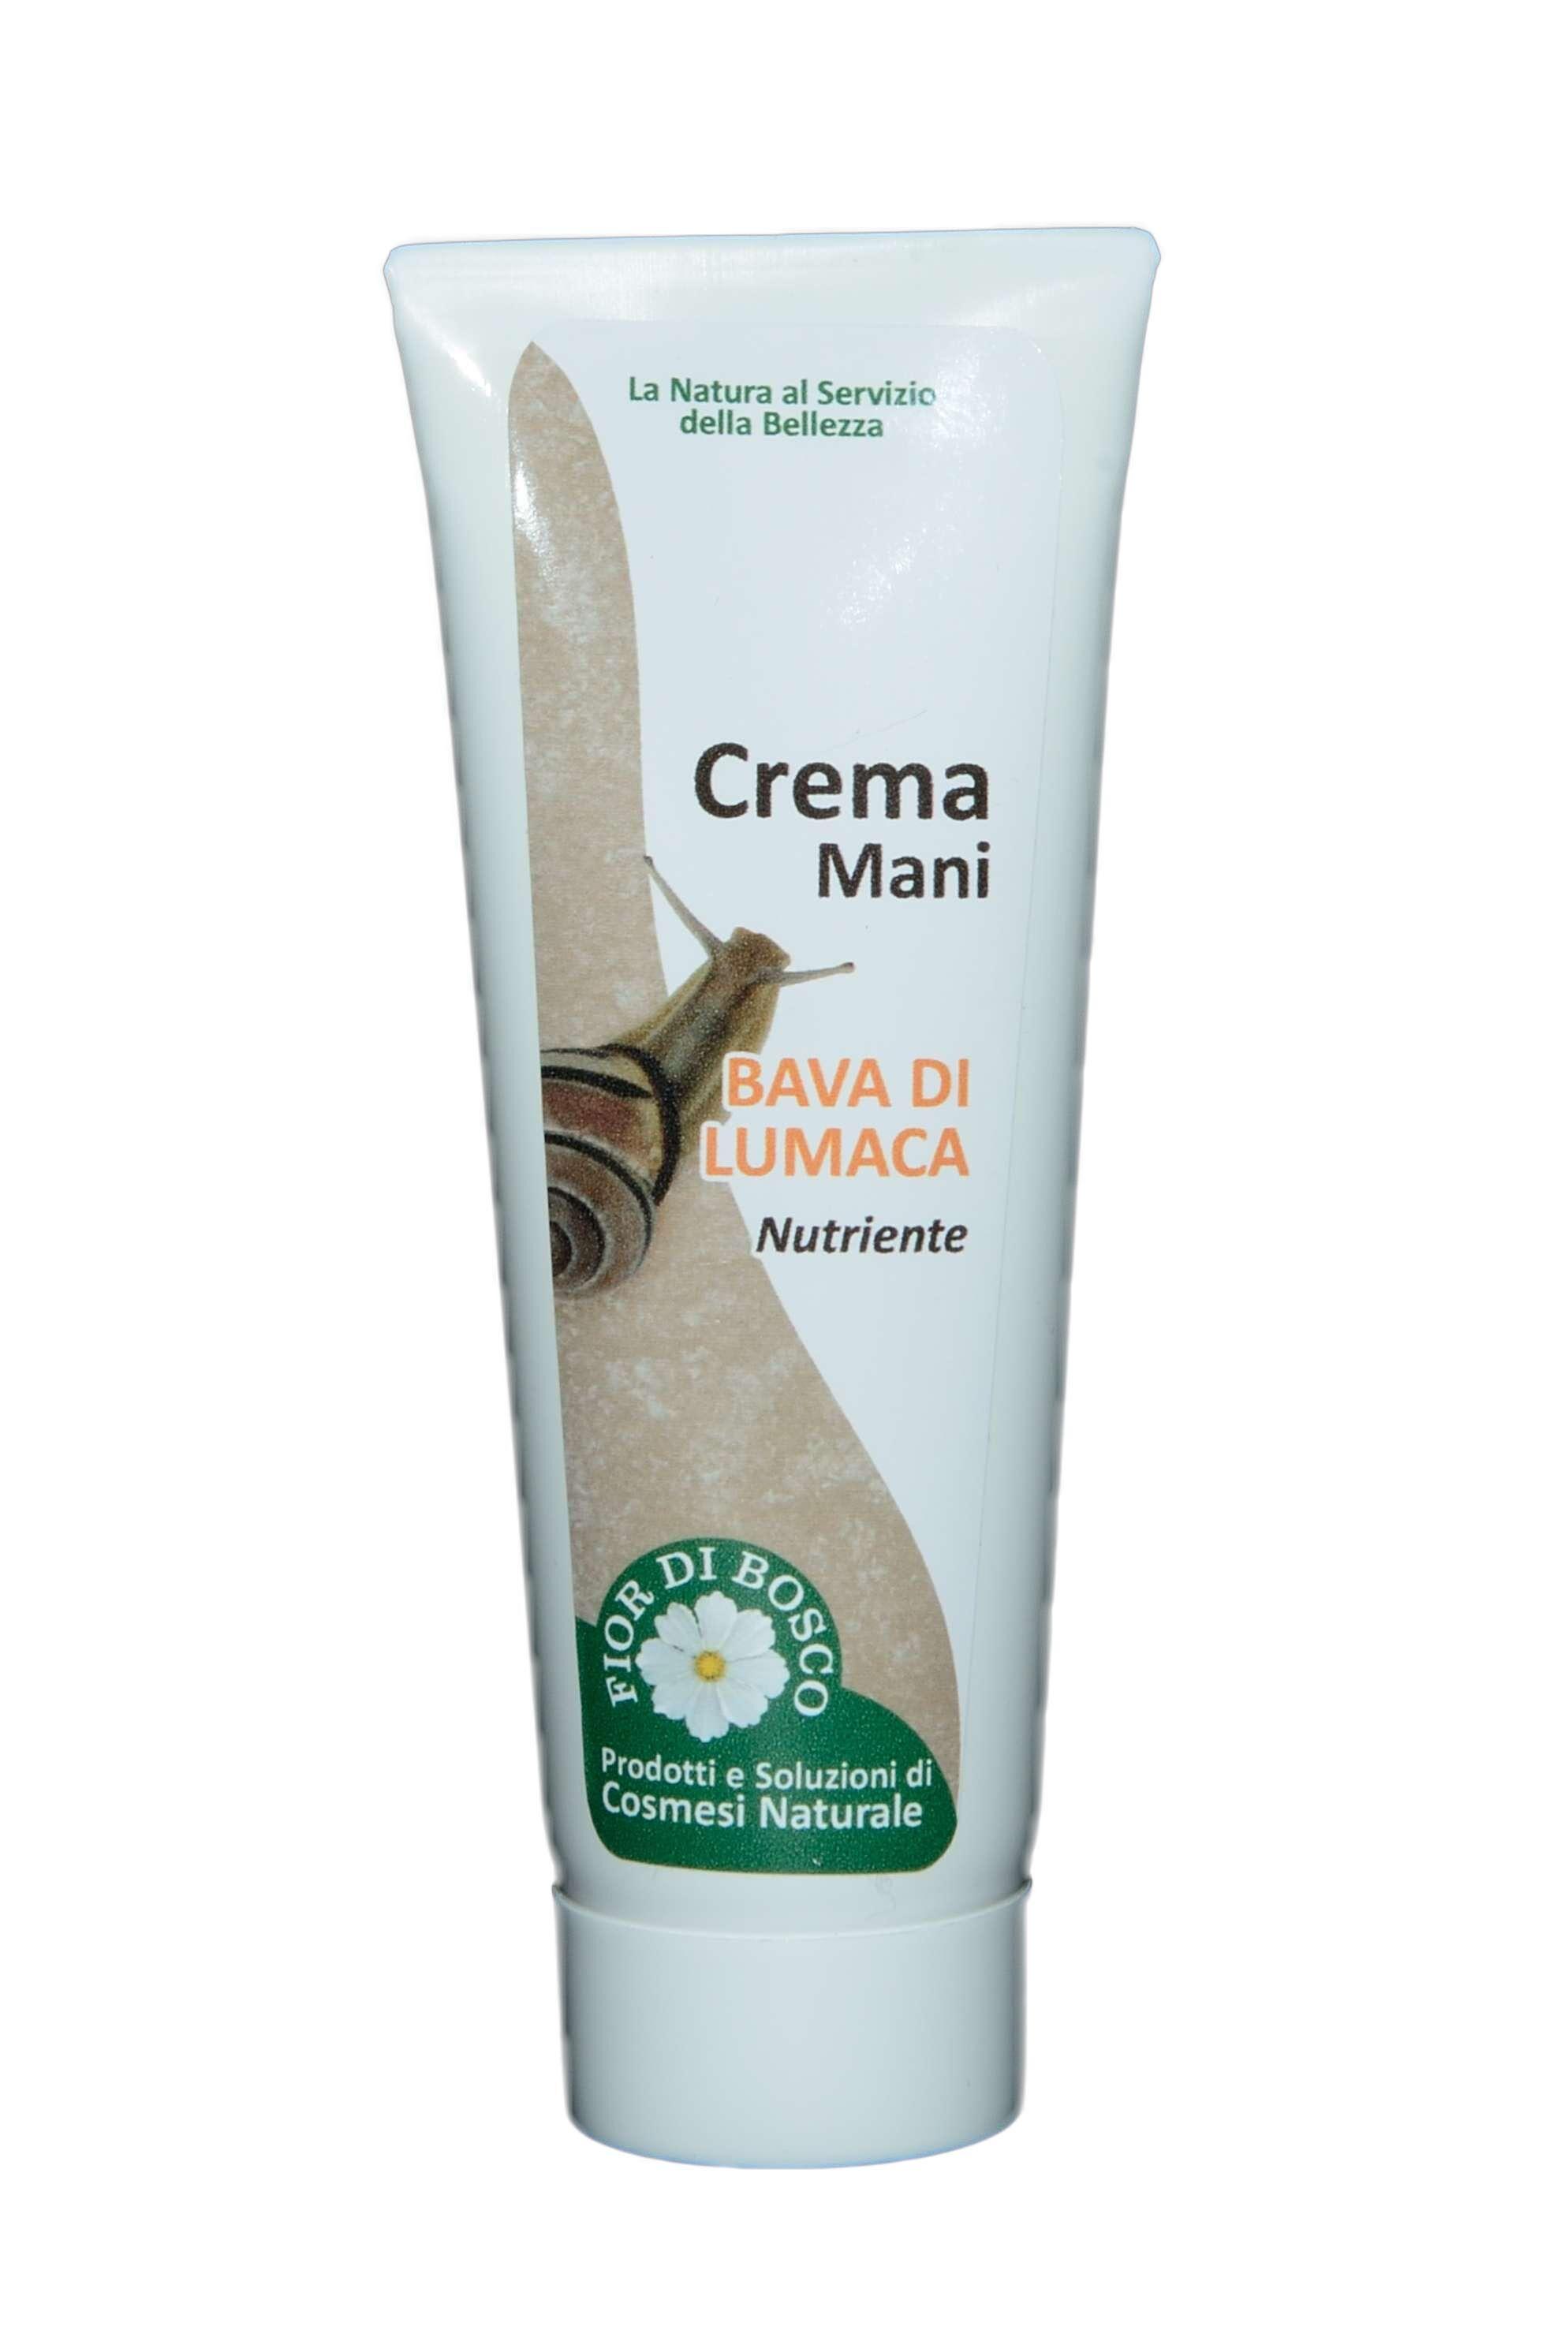 Centisia Crema mani nutriente alla Bava di Lumaca 75ml